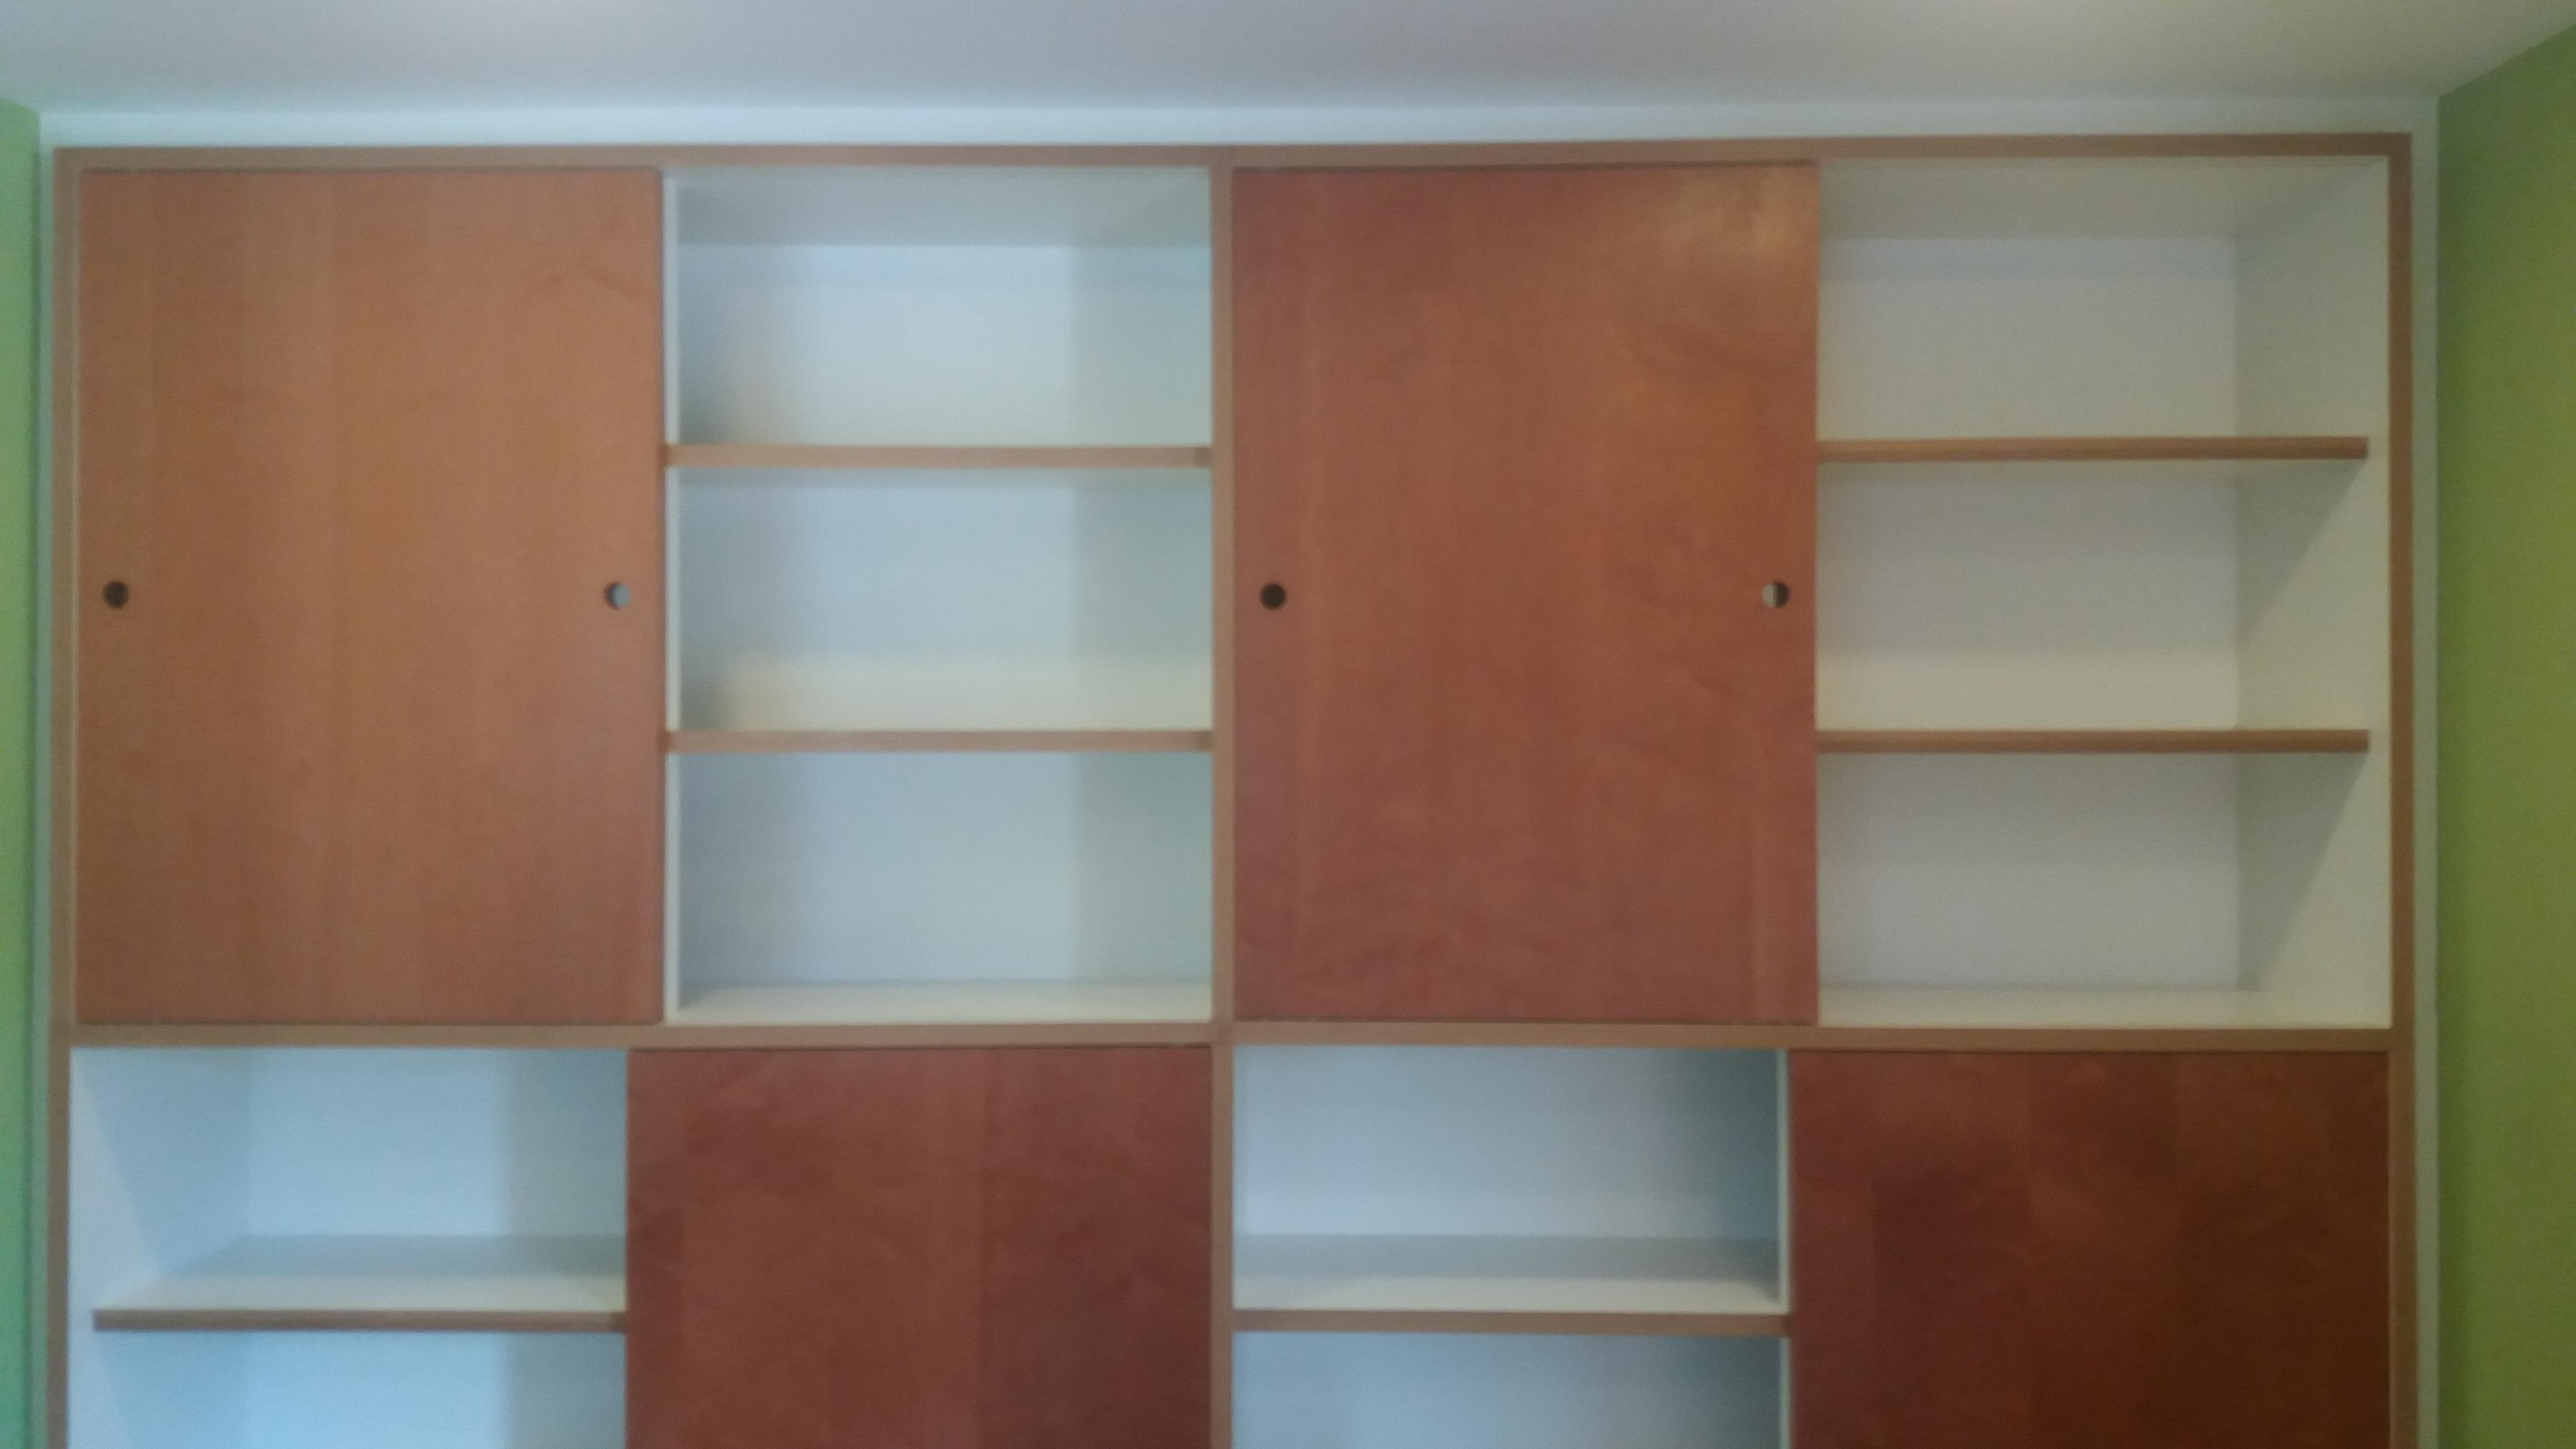 Armário aberto e fechado